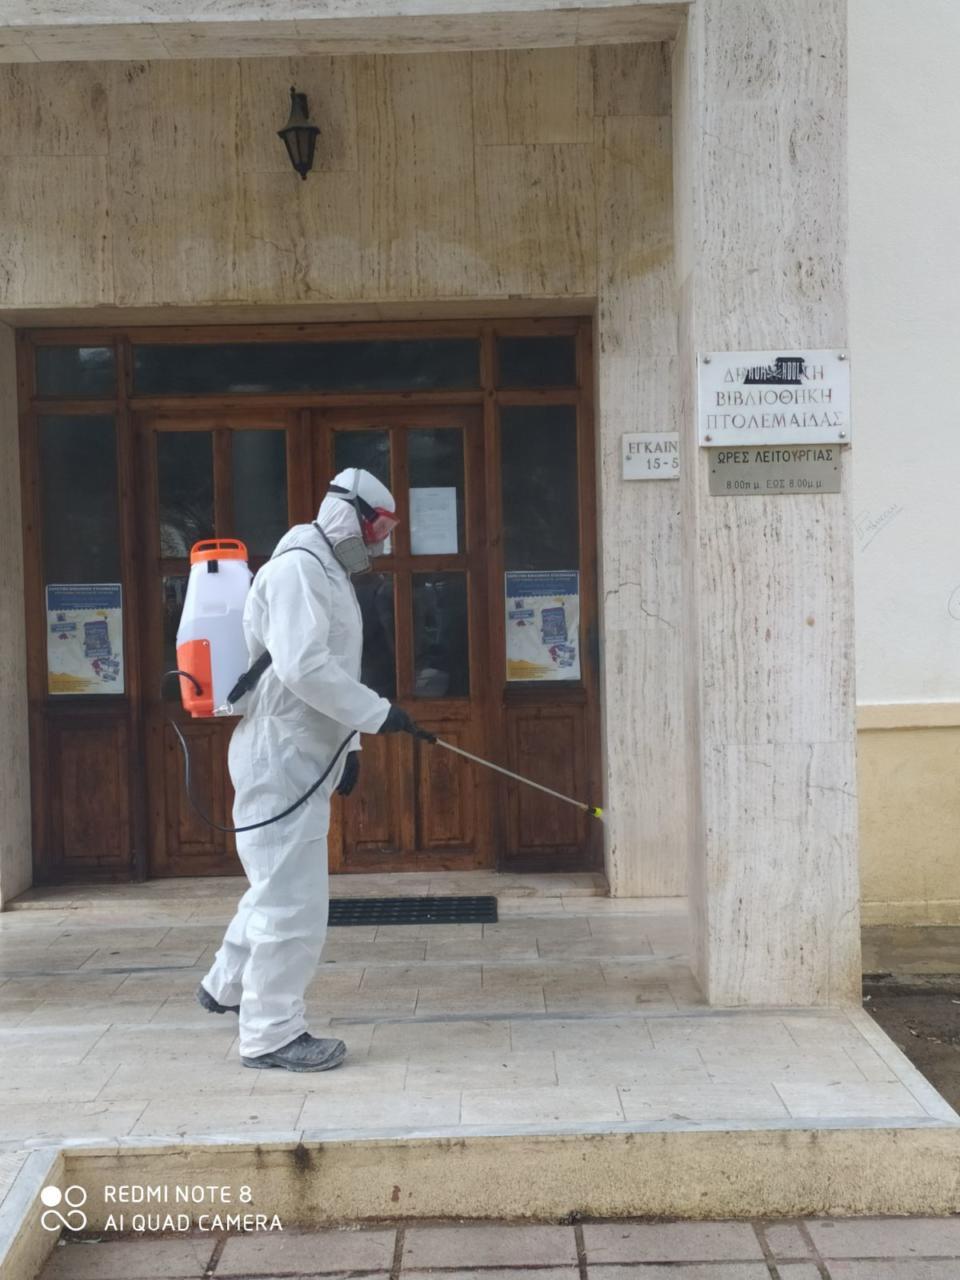 Απολυμάνσεις σε κοινόχρηστους χώρους στην Πτολεμαΐδα πραγματοποίησε ο Δήμος Εορδαίας.